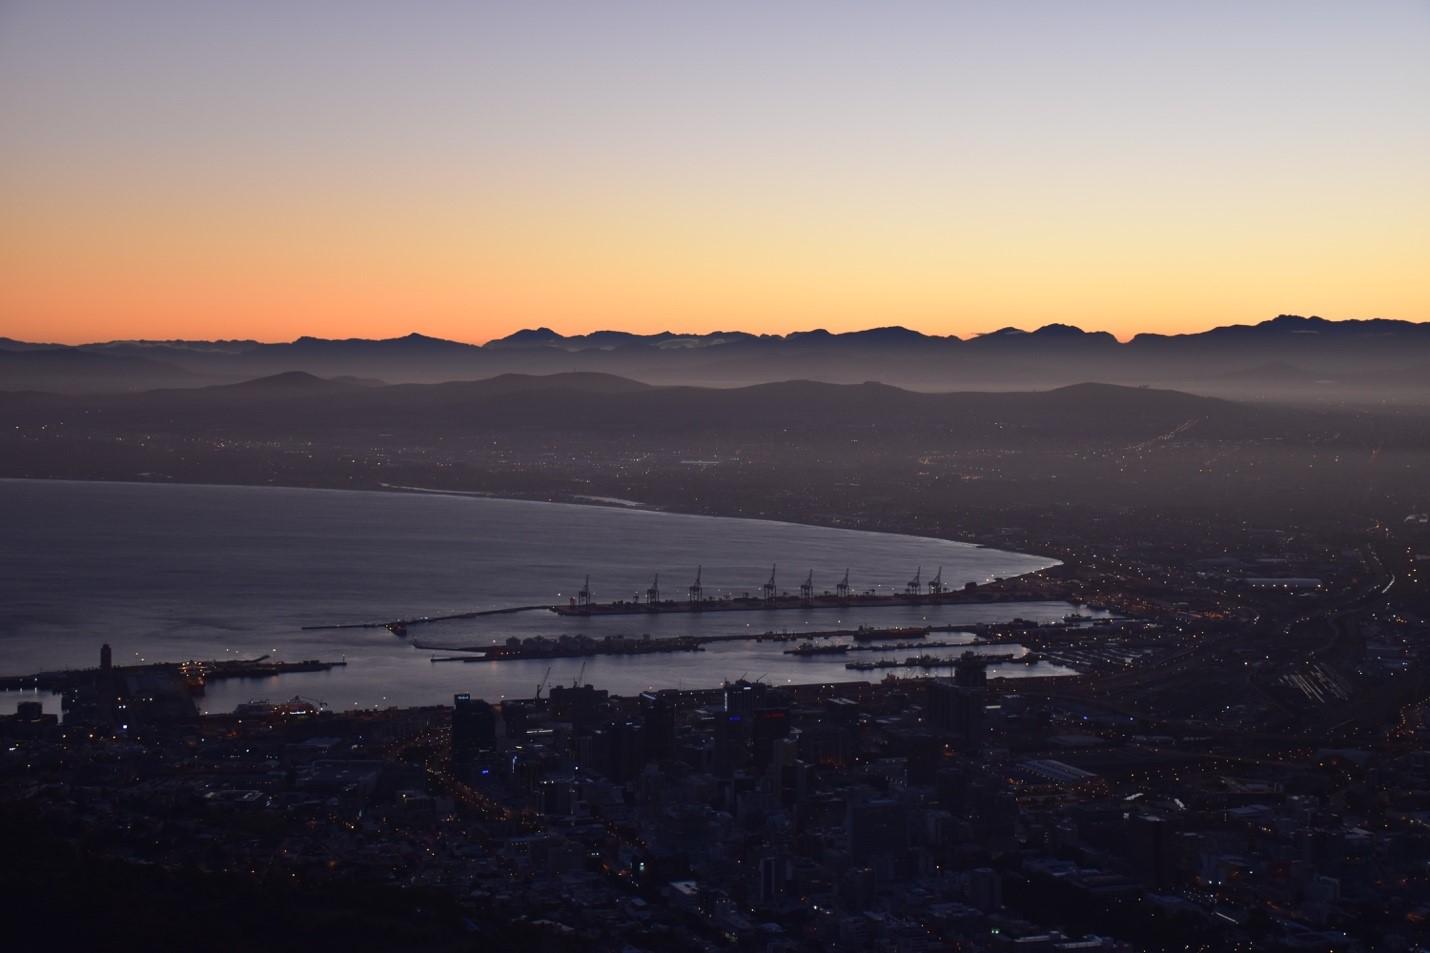 The Cape Town cityscape. Photo courtesy of Adam Yates.